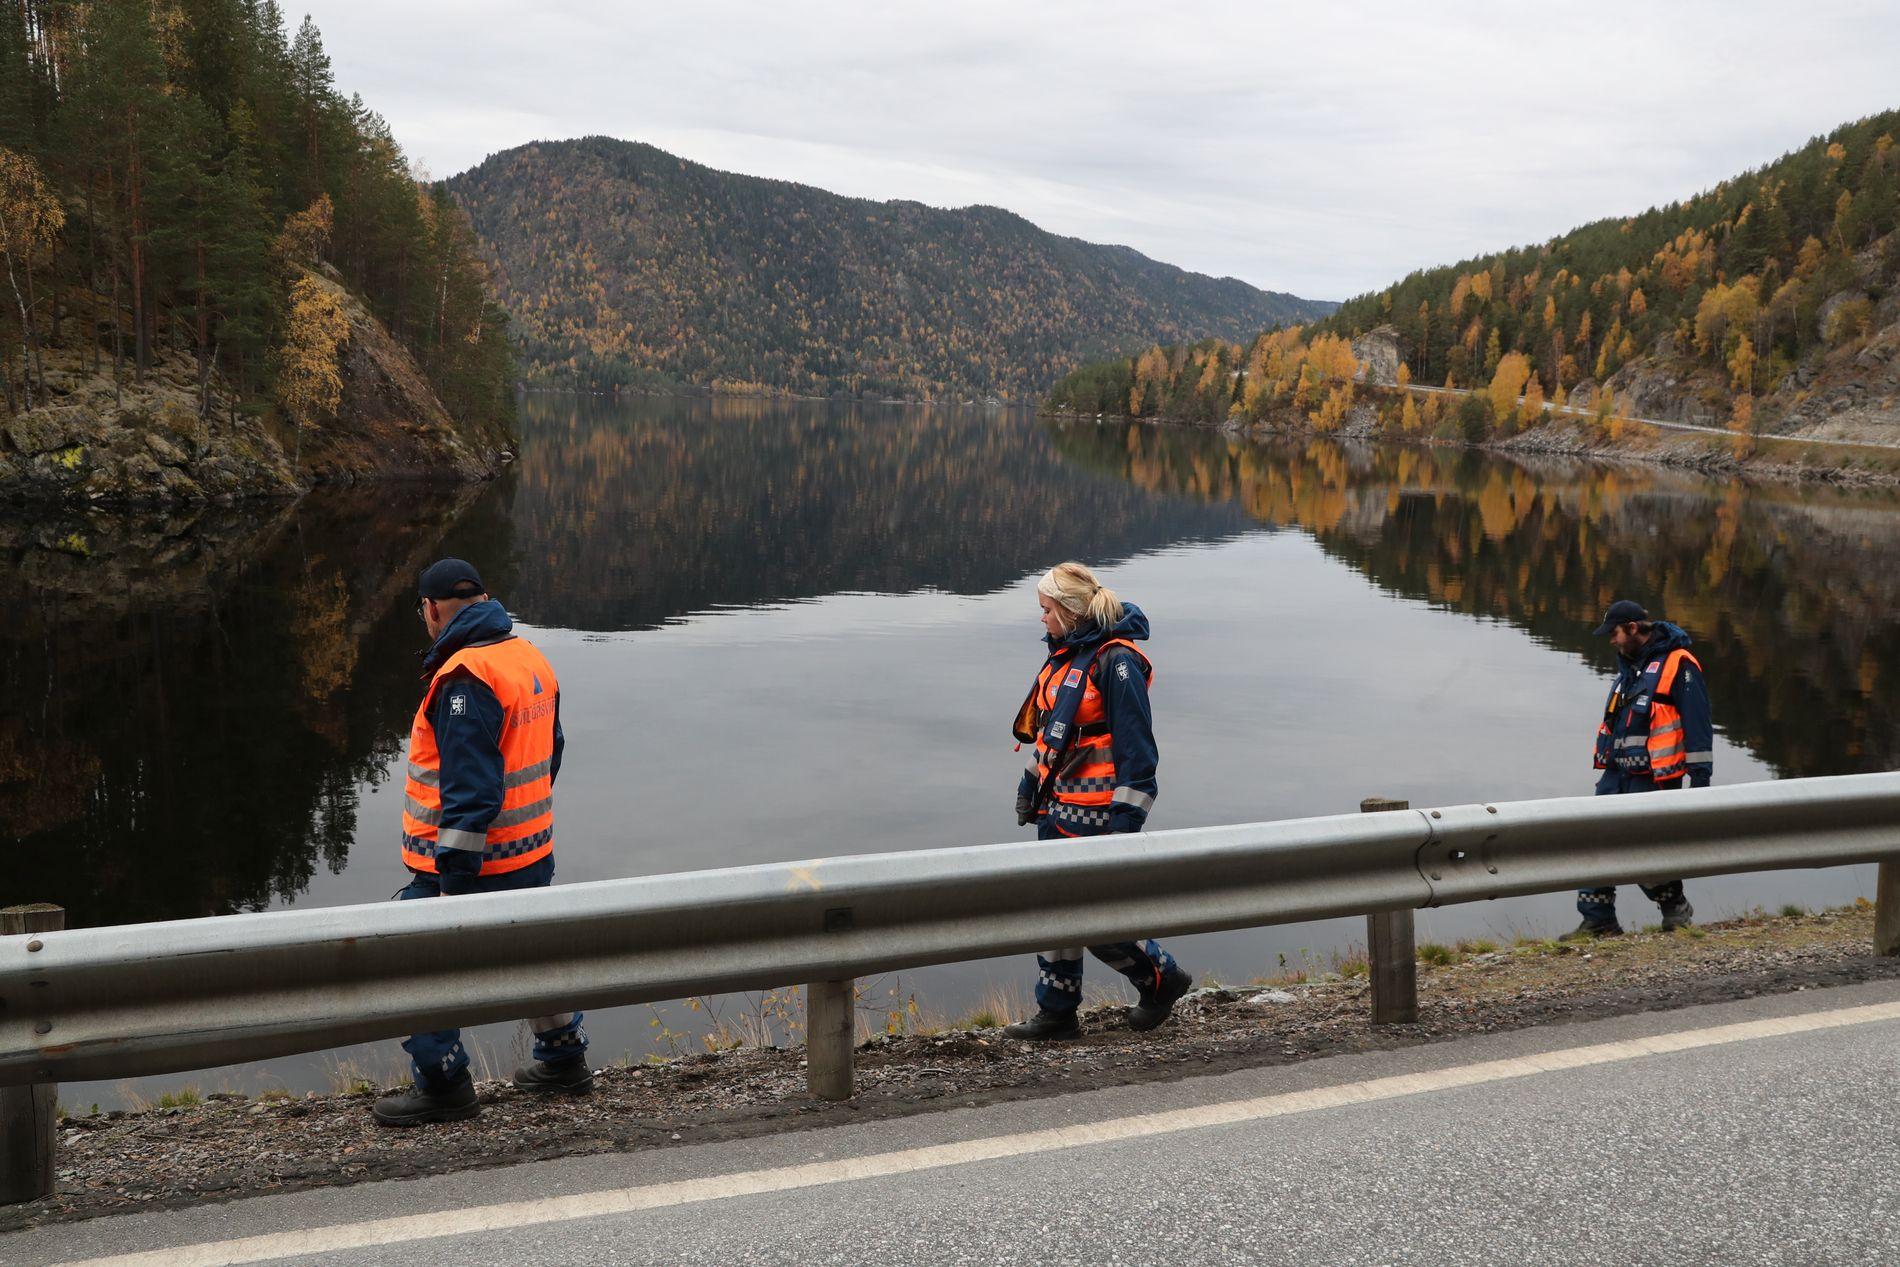 FØRST PÅ STEDET: Arne Moen var på vei til et møte da han så tre personer i veien ved Seljordsvannet på torsdag. – De tre overlevende var iskalde og hadde løpt ca. en kilometer. Heldigvis hadde jeg et varmeapparat bak i varebilen, sier Moen.